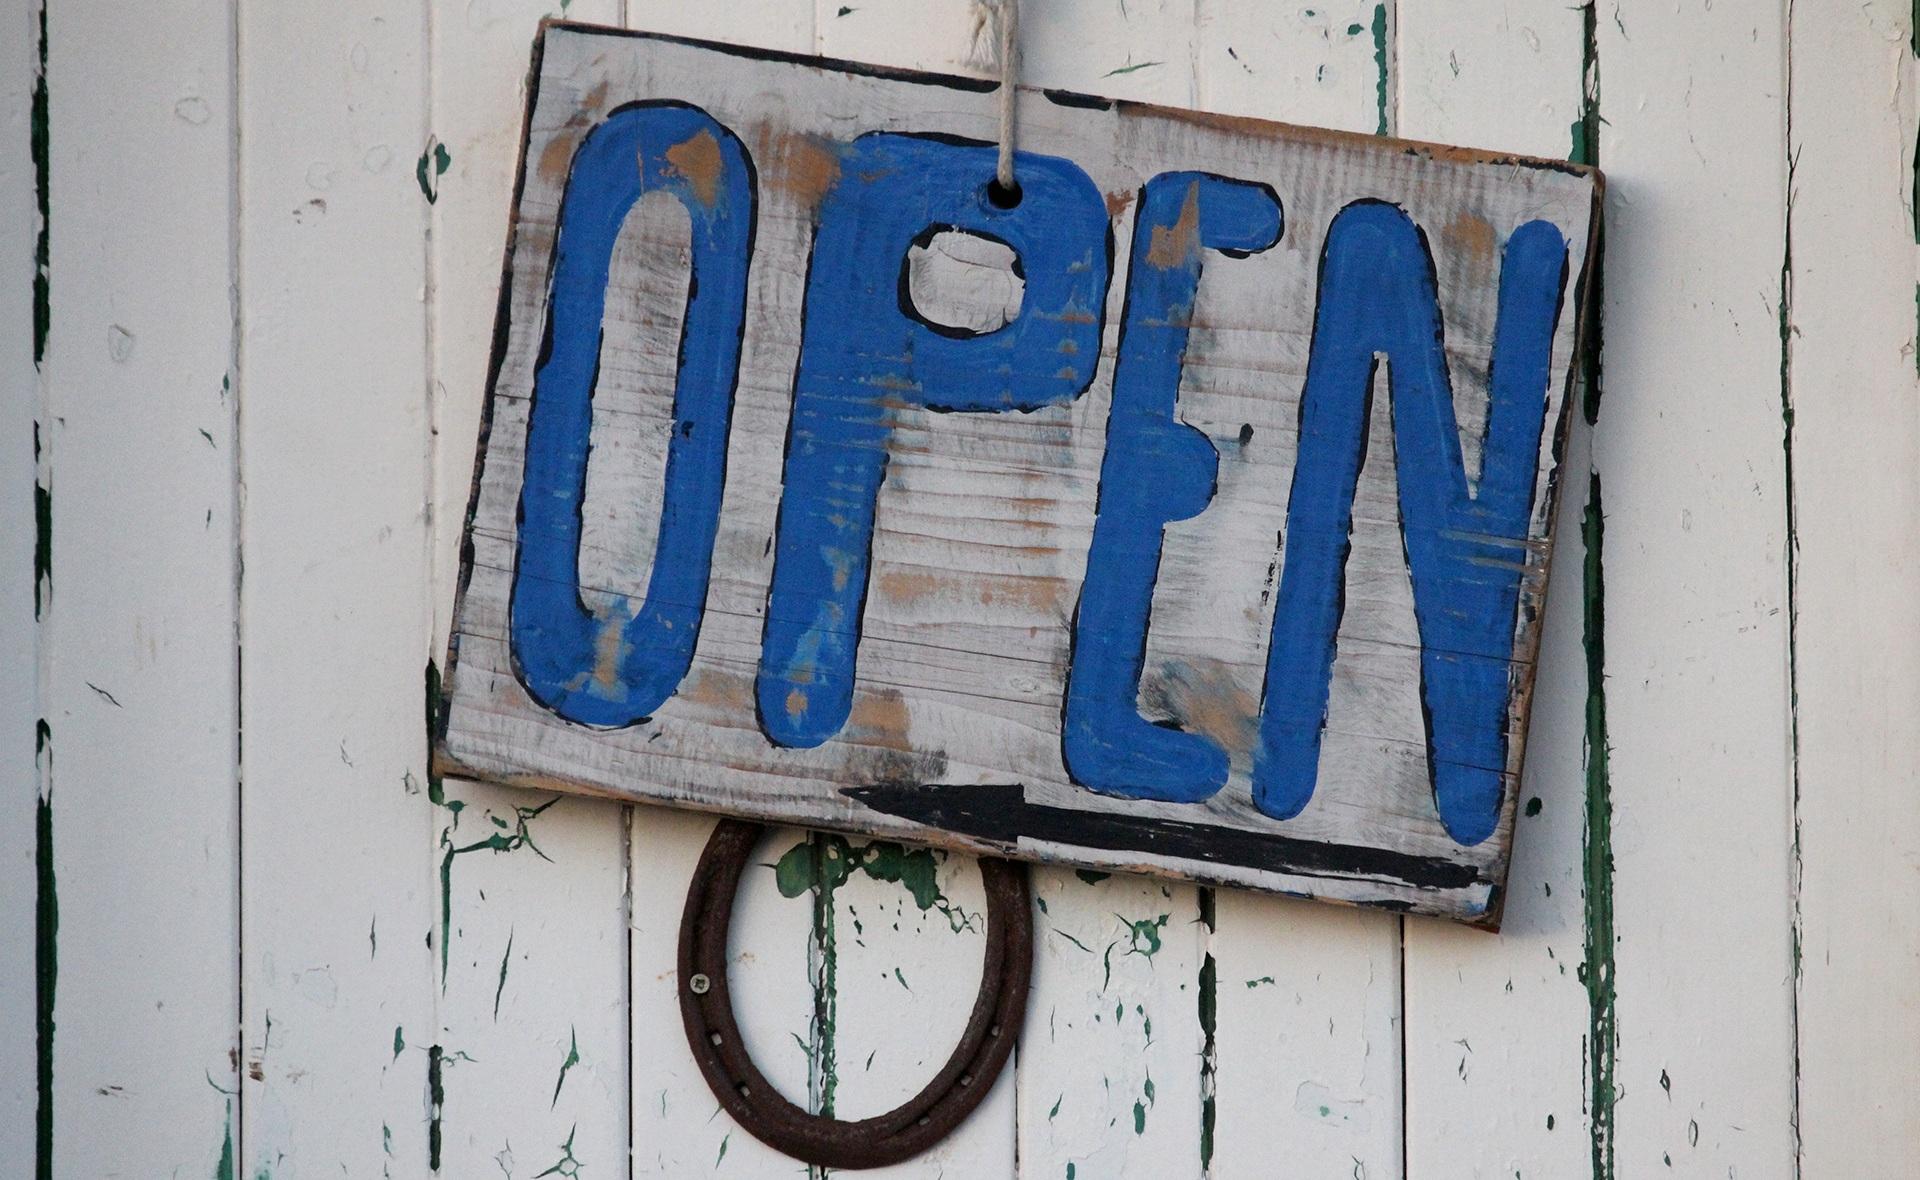 open-966315.jpg